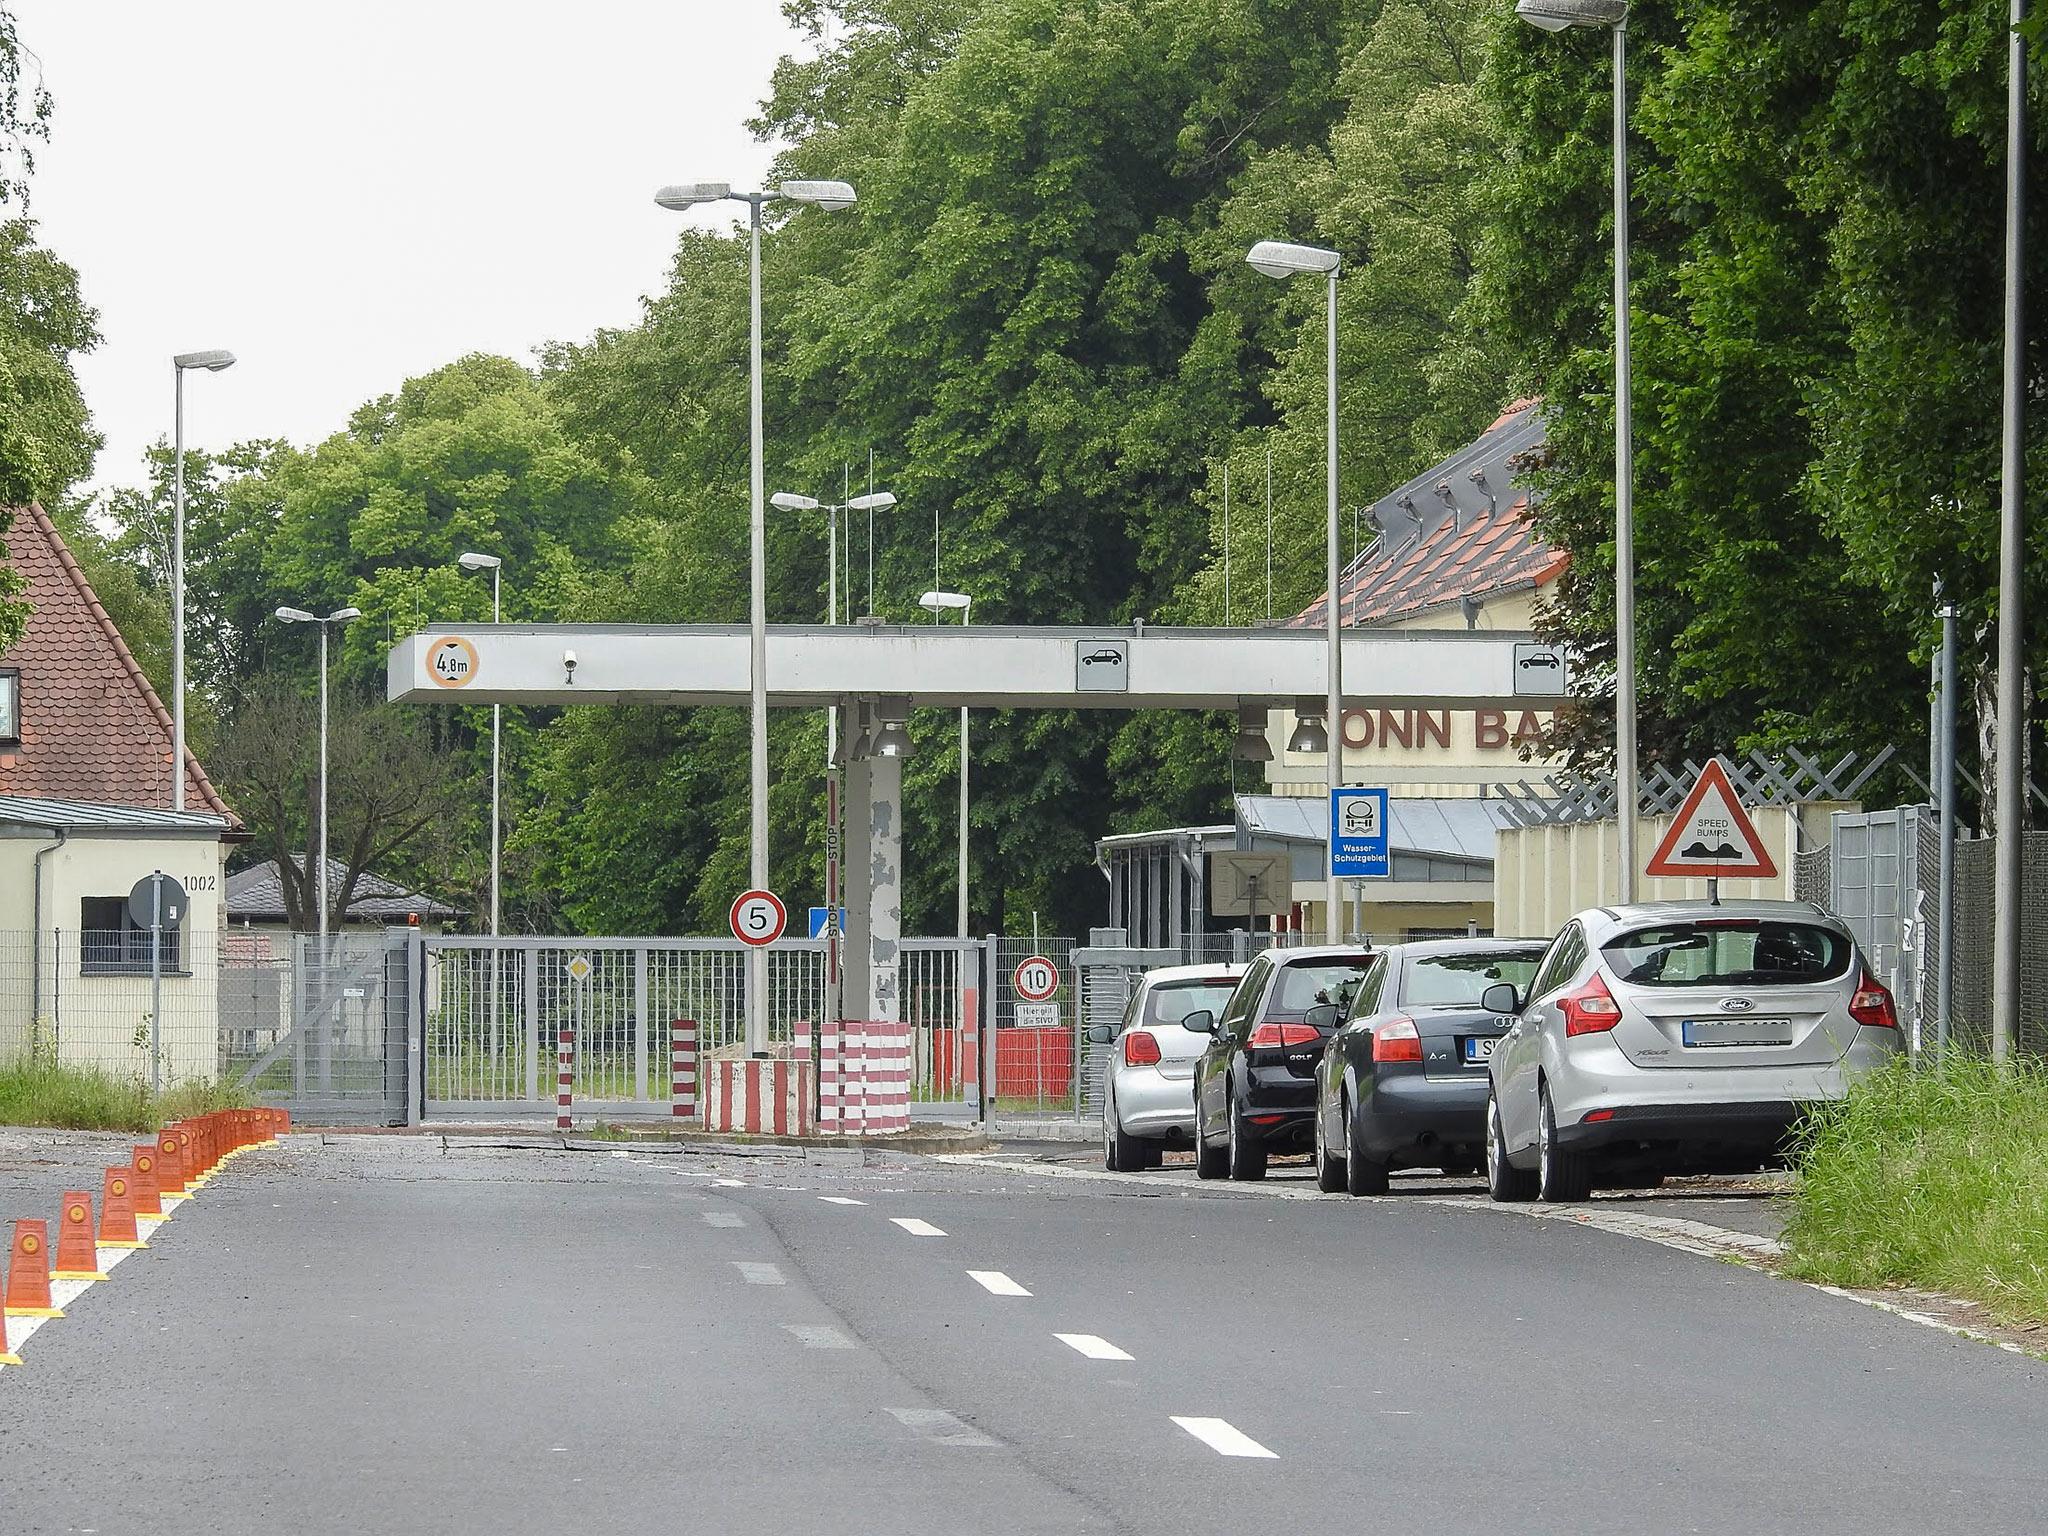 Die Conn-Barracks in Schweinfurt werden zu einem Ankerzentrum. Foto: Dirk Flieger